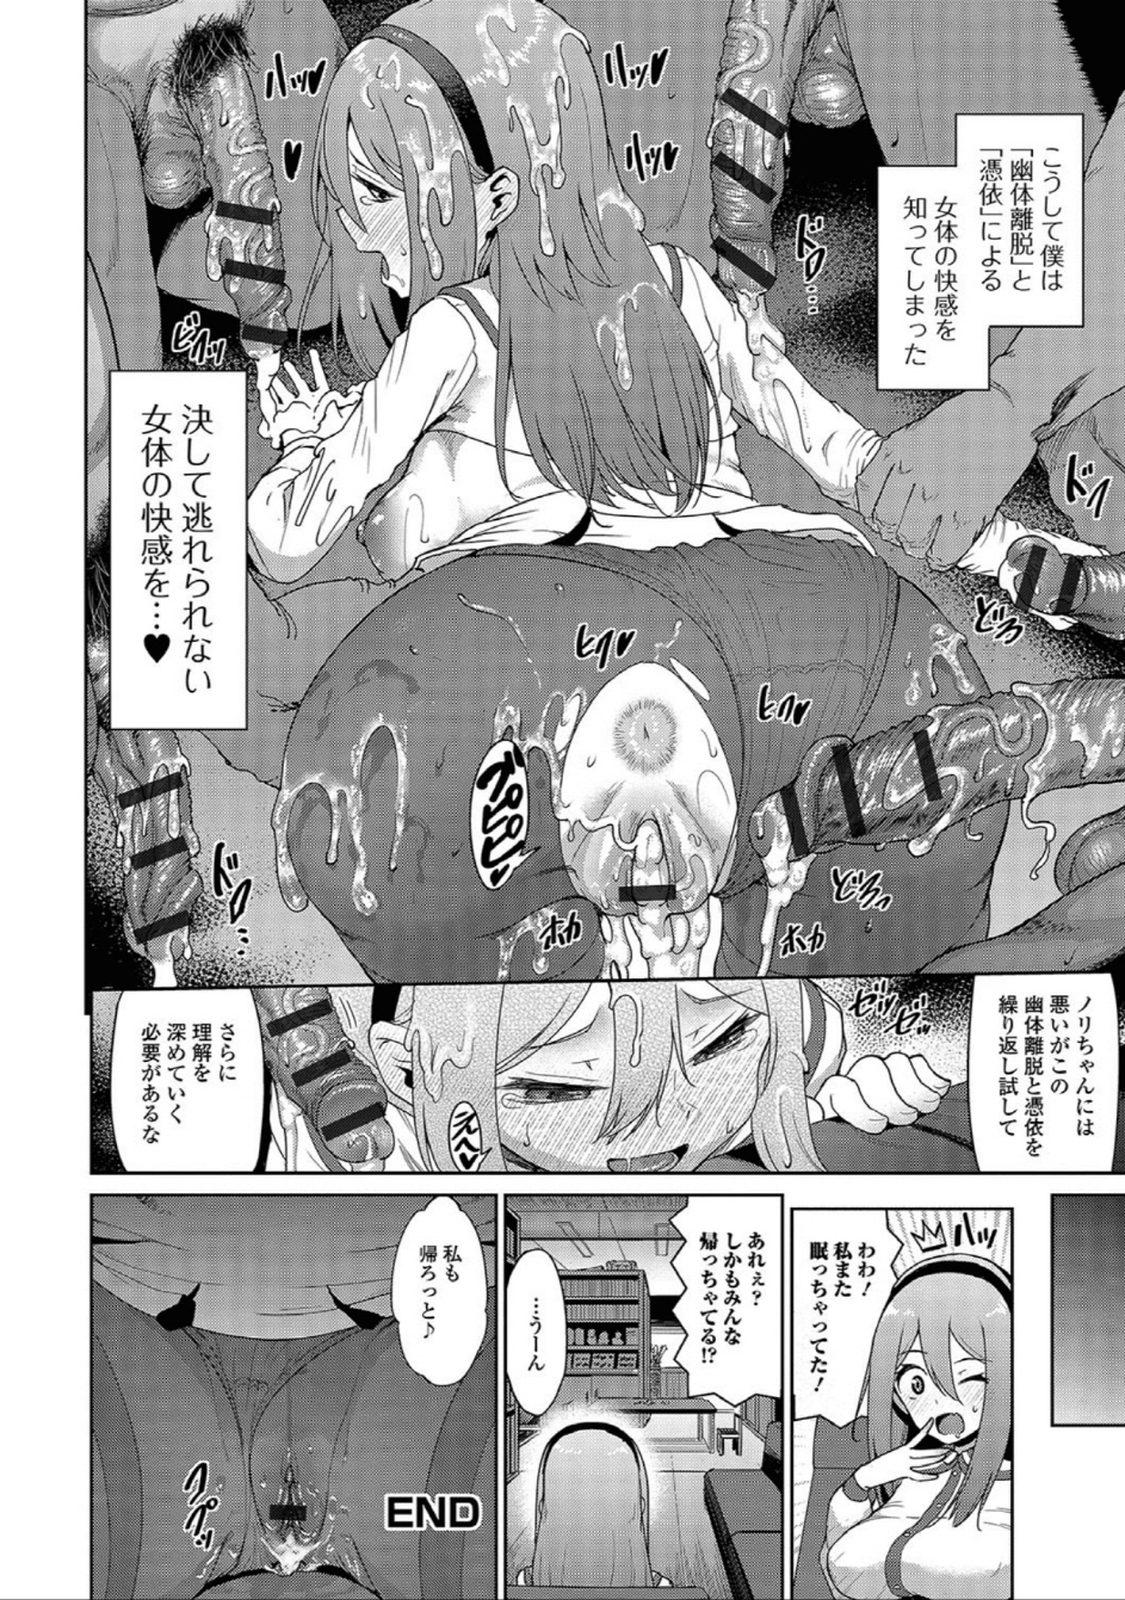 【エロ漫画】寝ている女の子に憑依した少年が童貞たちに輪姦されてしまうwww